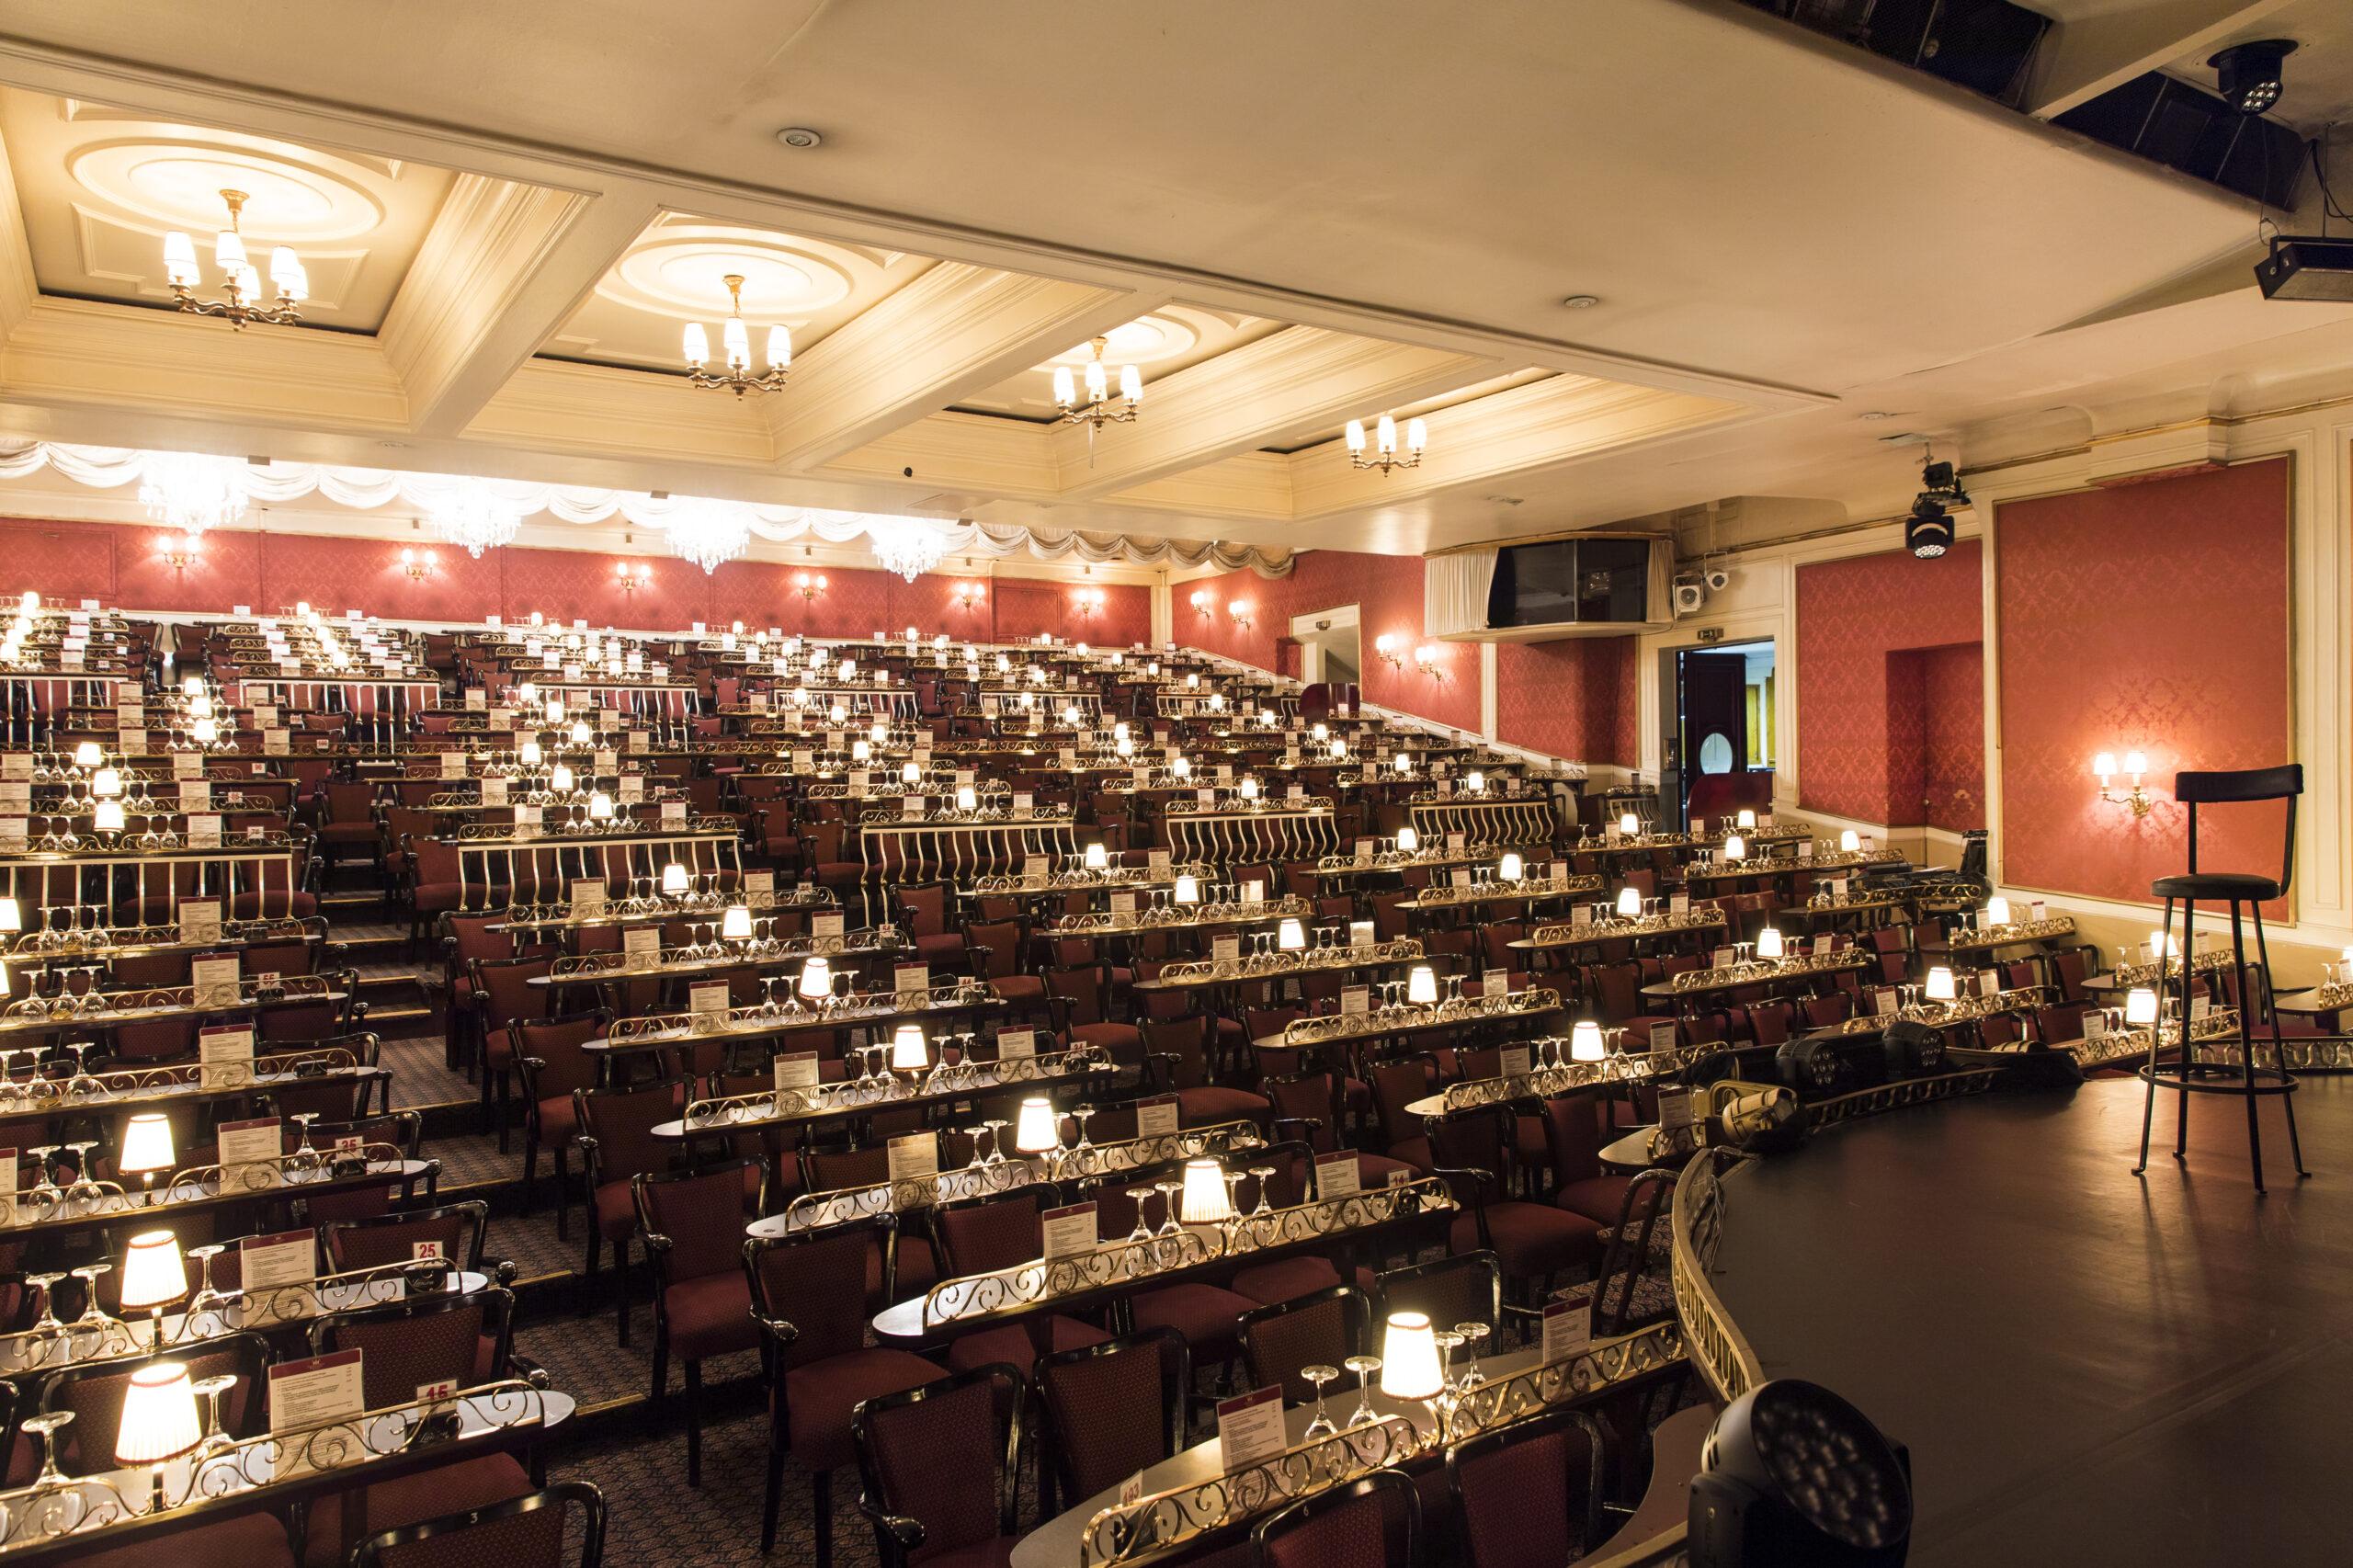 Hansa-Theater Saal © Dietrich Halemeyer / Abdruck bei Nennung des Fotografen honorarfrei